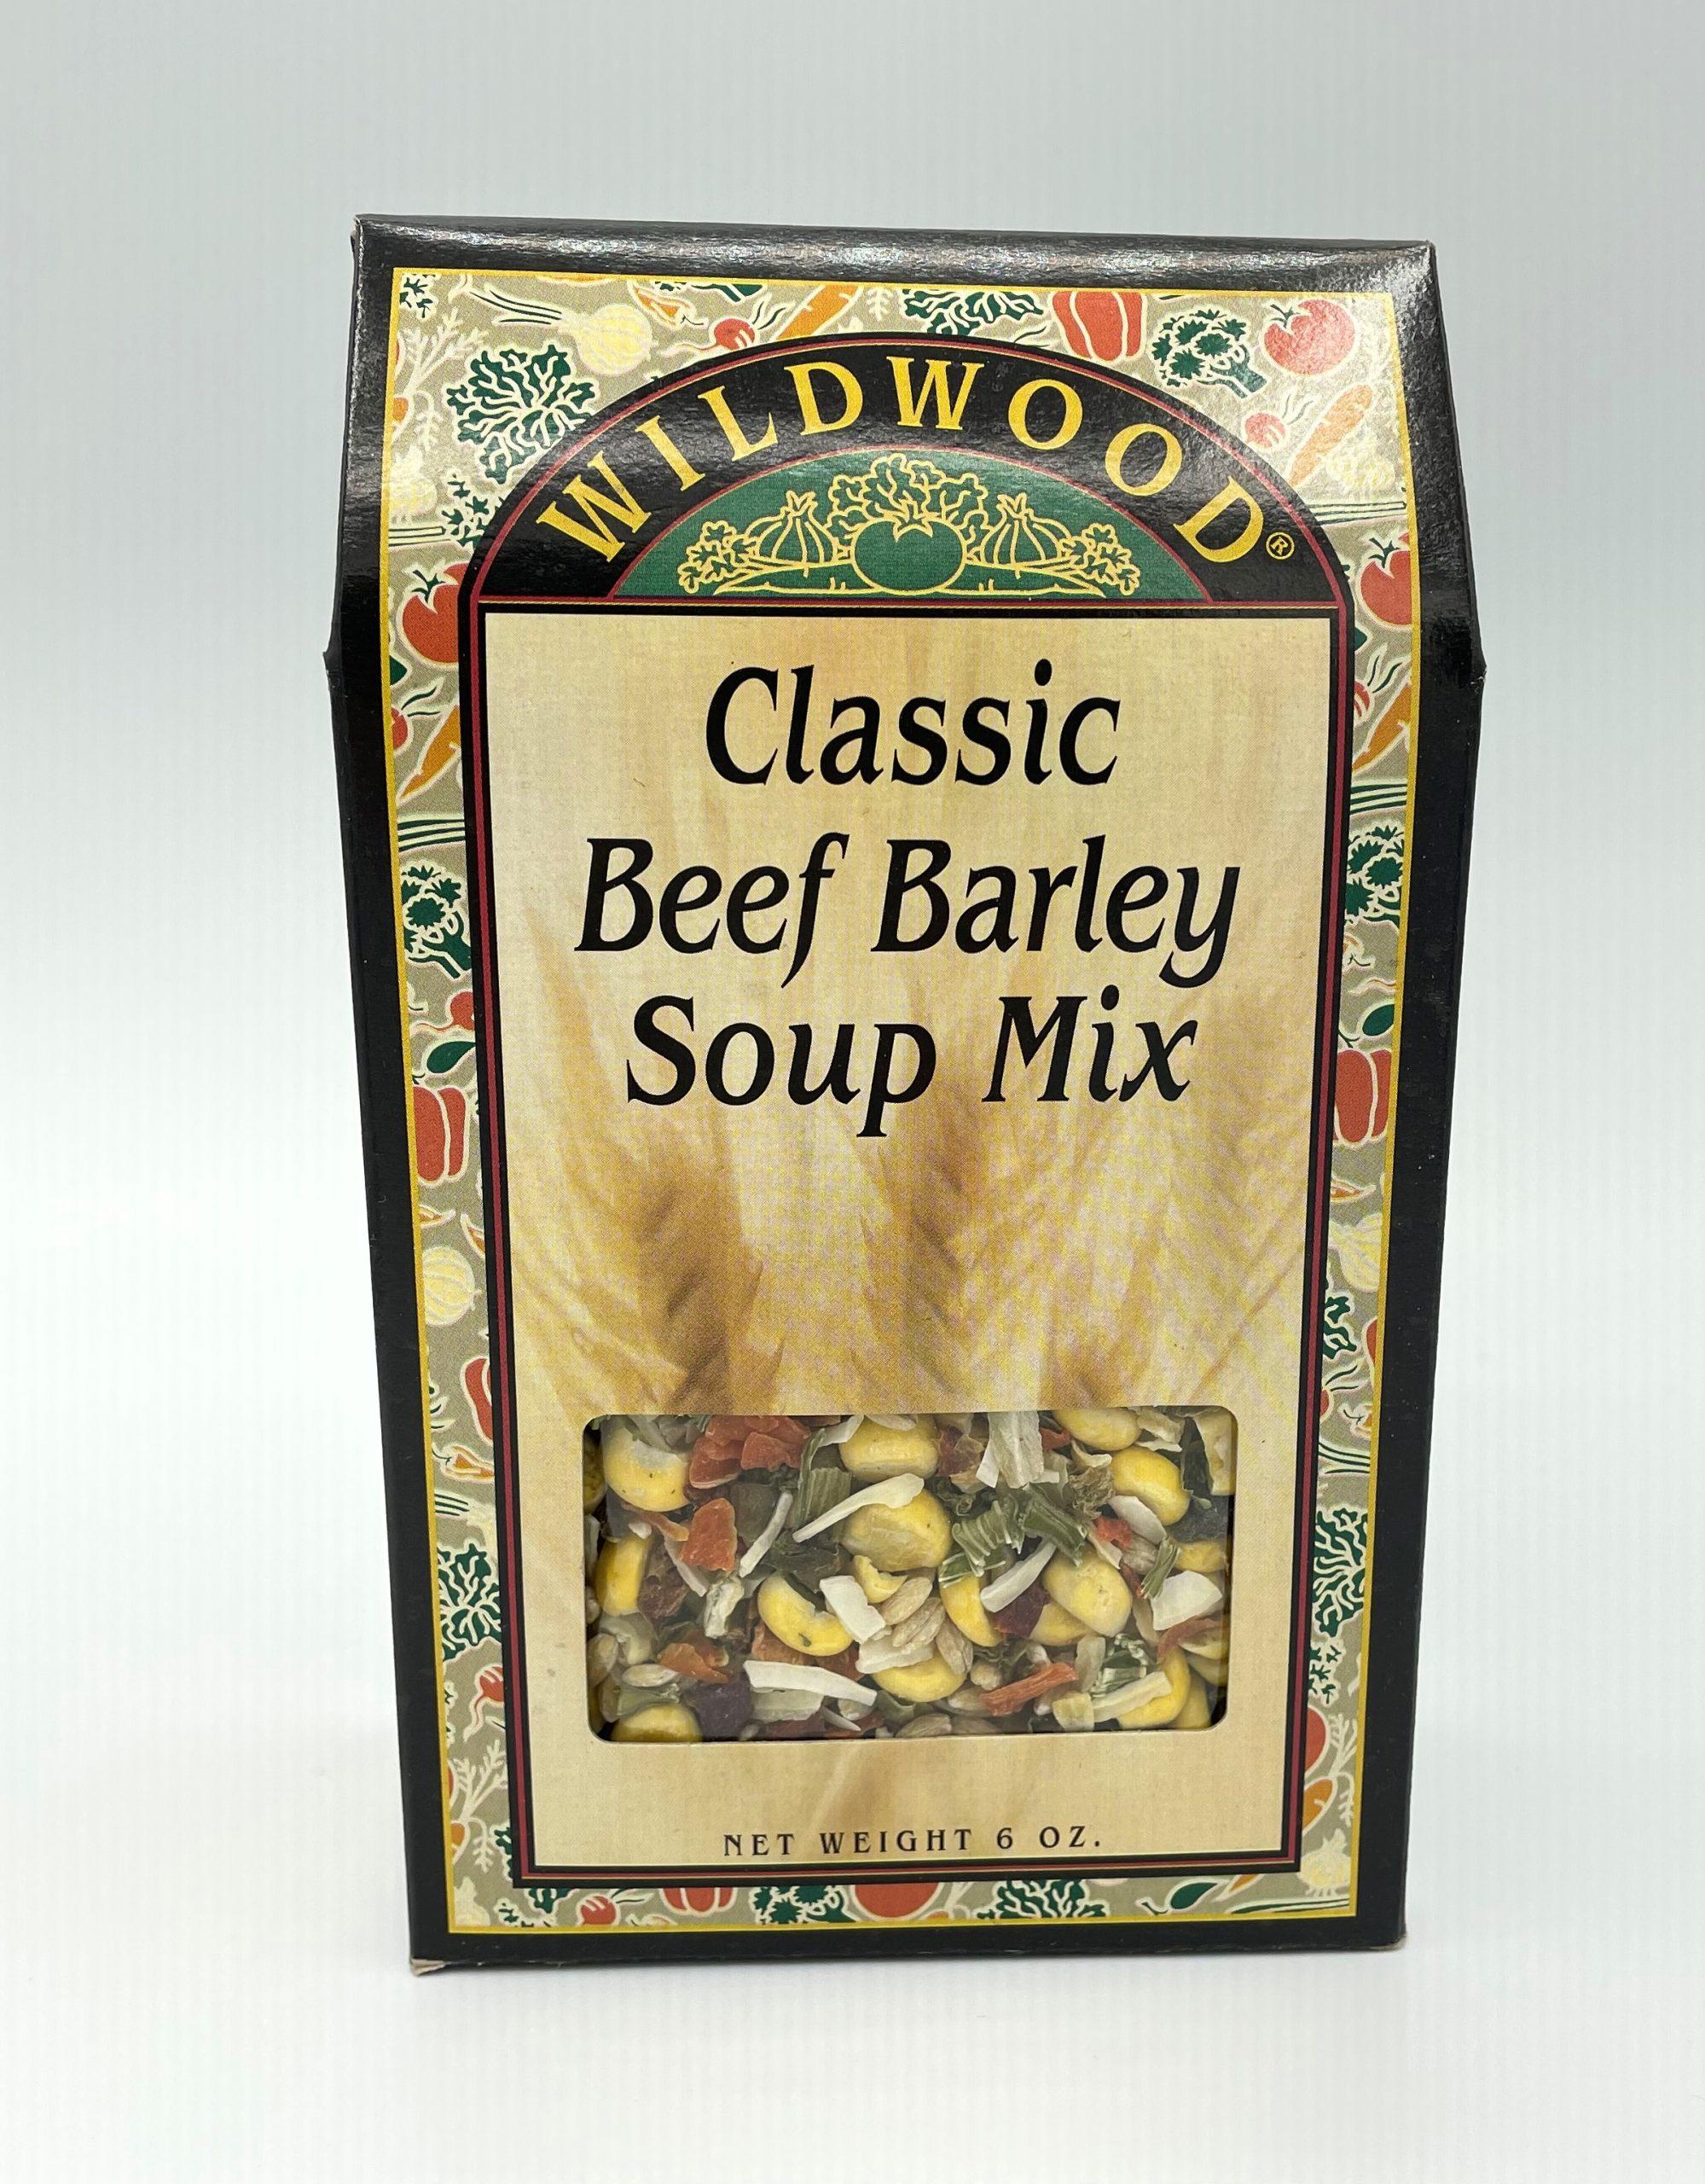 Classic Beef Barley Mix